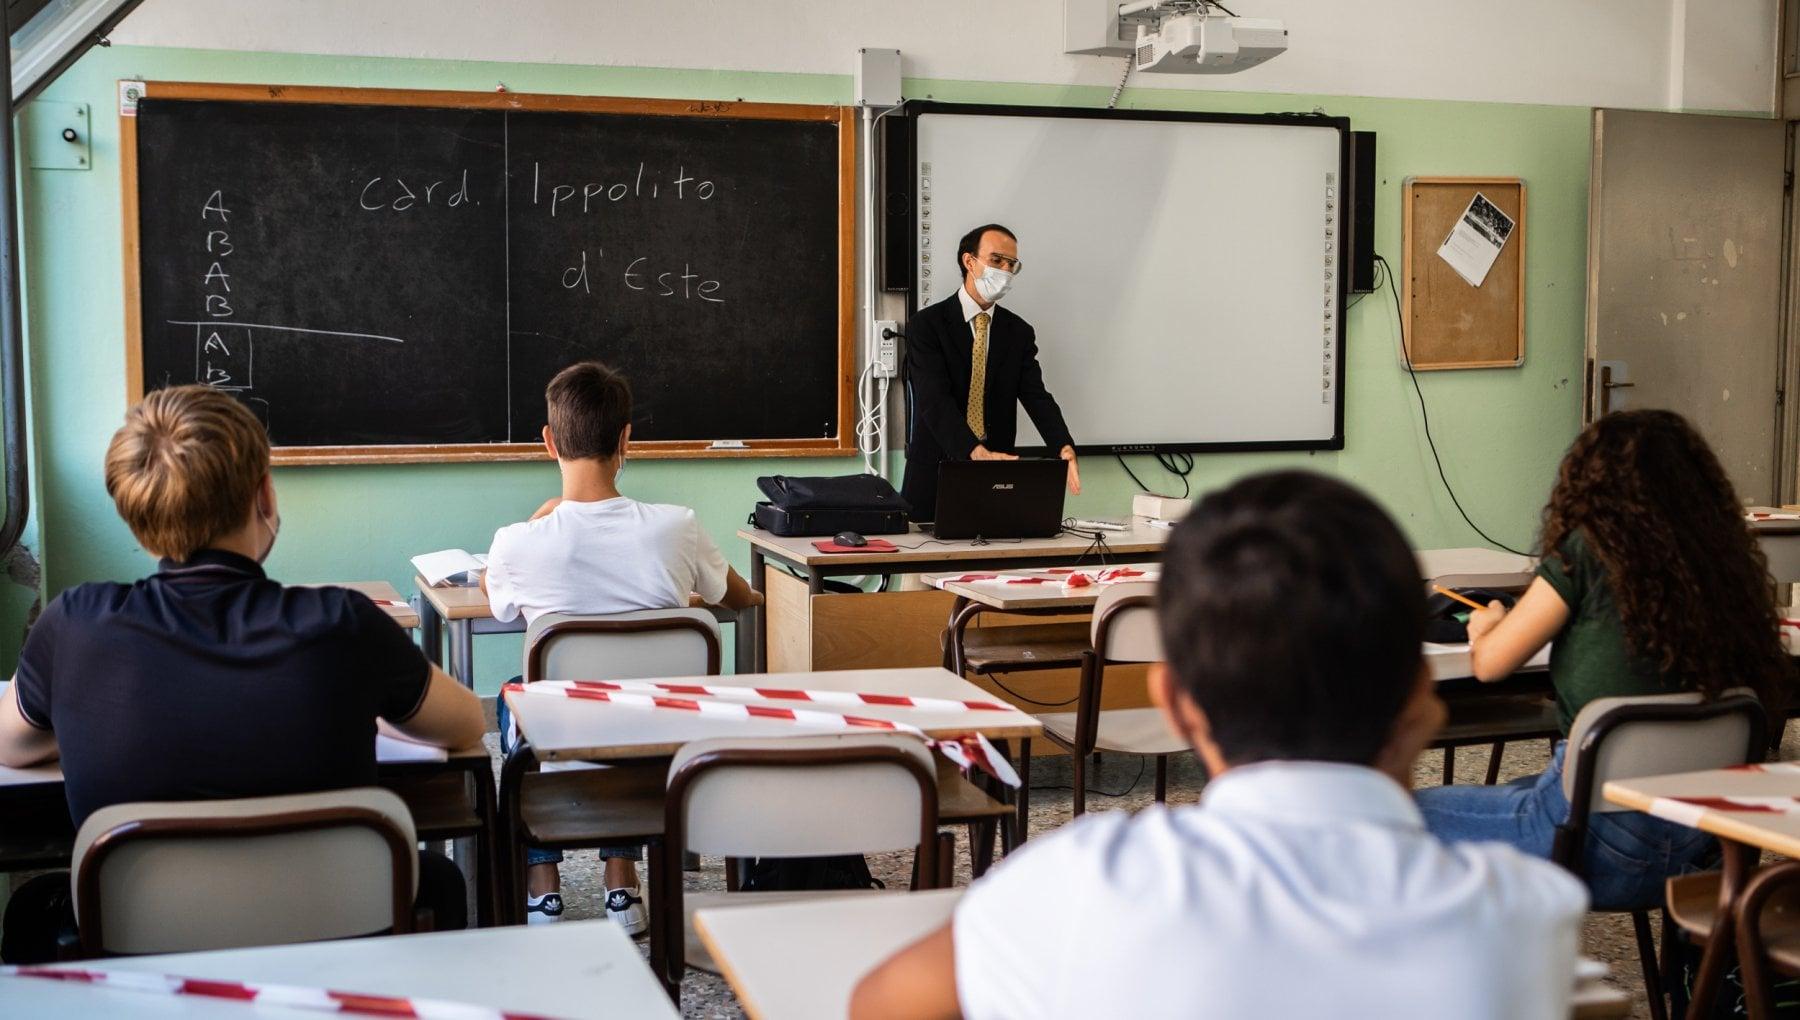 220328708 b6c83e1b 7480 4a58 92a2 4216f166fb32 - Lavoro, scuola, Rsa: così la pandemia ha ristretto i diritti